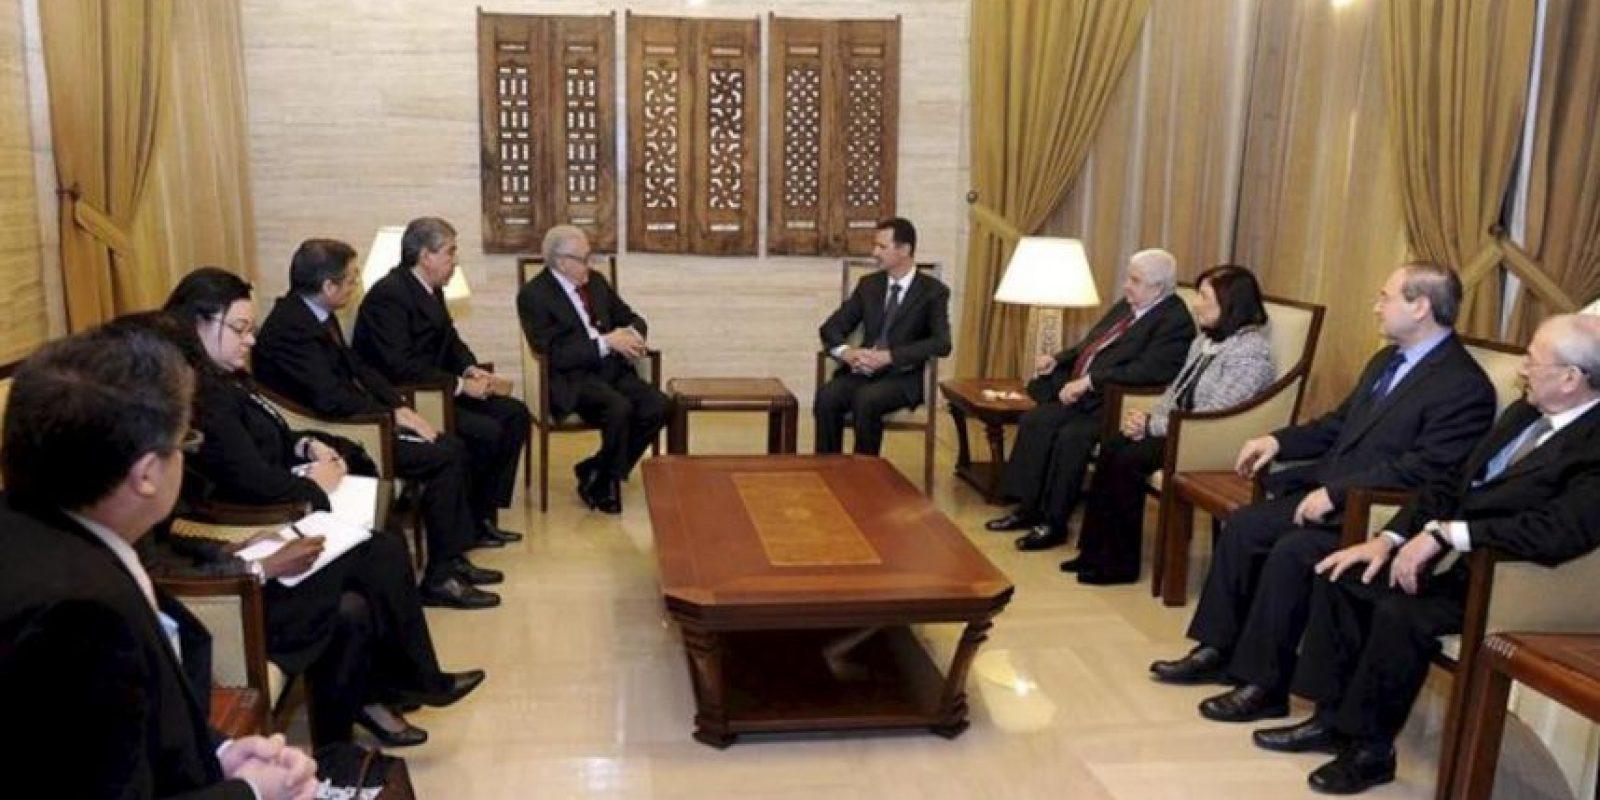 Fotografía distribuida por la agencia estatal siria Sana que muestra al enviado especial de las Naciones Unidas a Siria, Lakhdar Brahimi (C-i), y al presidente sirio, Bachar al Asad (c-d), durante la reunión que celebraron en Damasco, Siria, hoy lunes 24 de diciembre. EFE